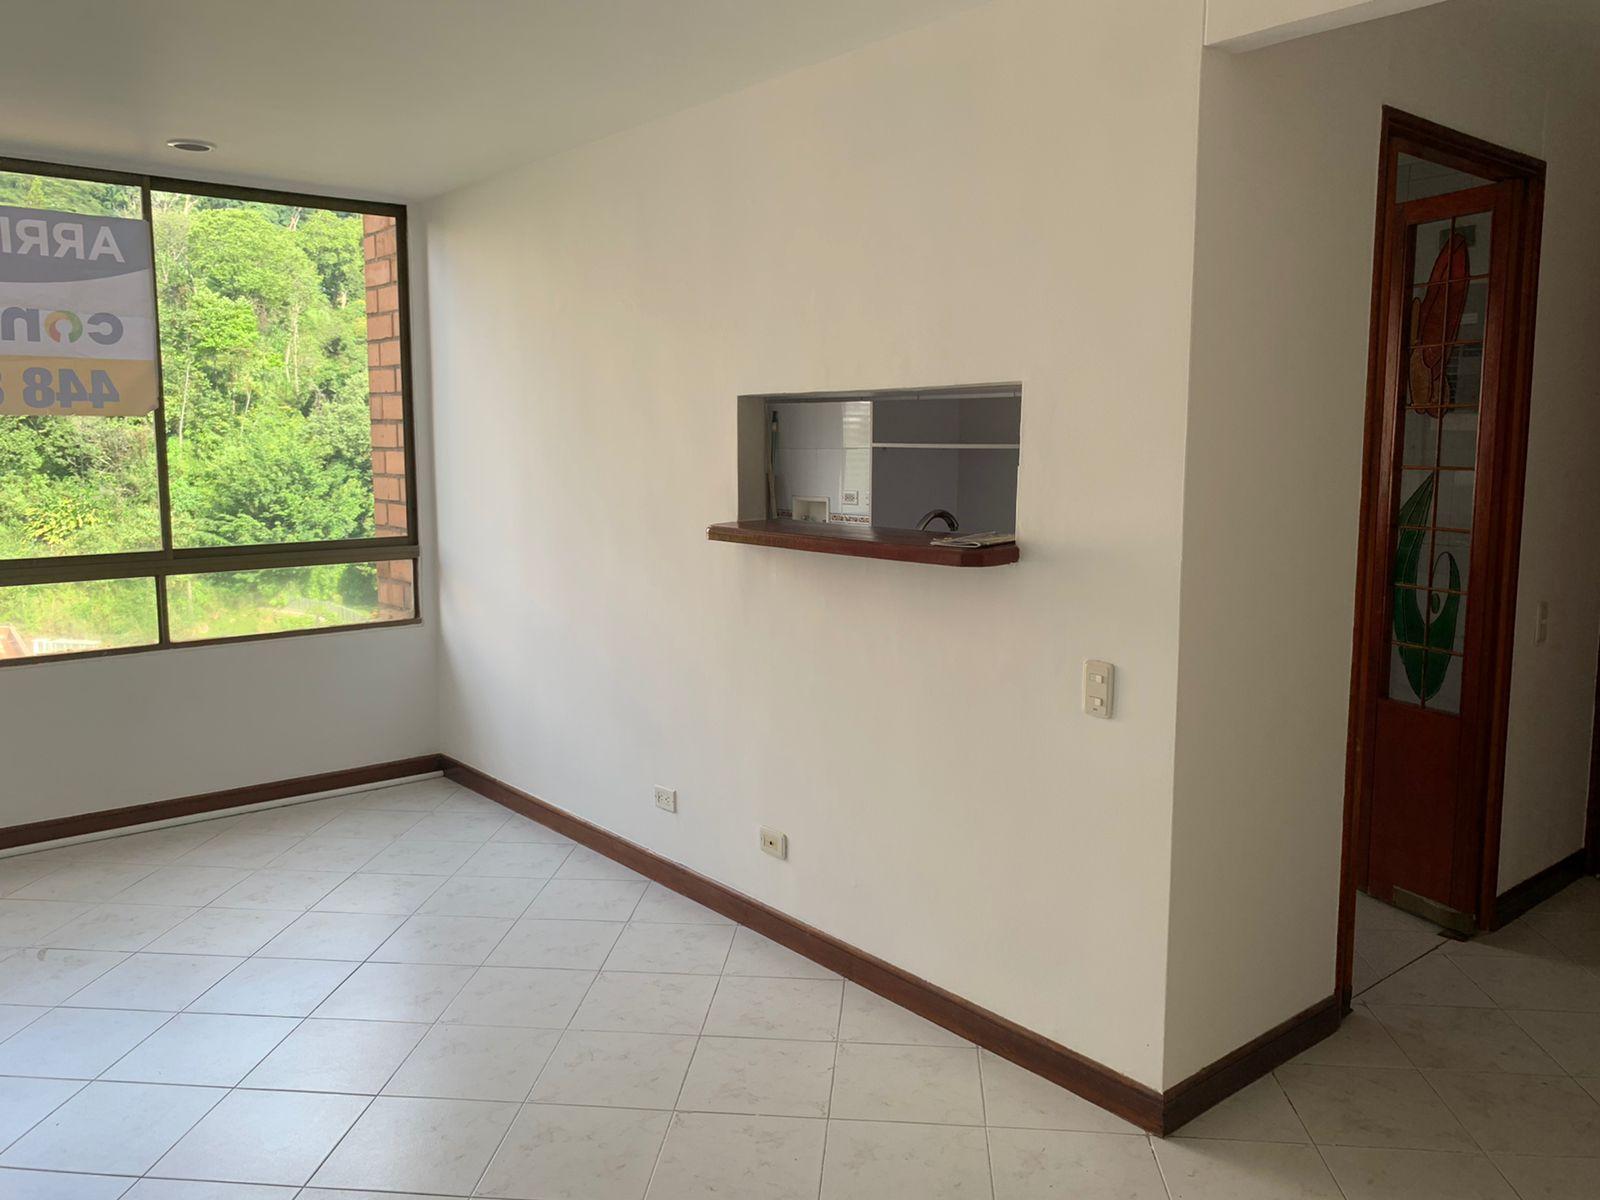 Apartamento en Medellin 141408, foto 4